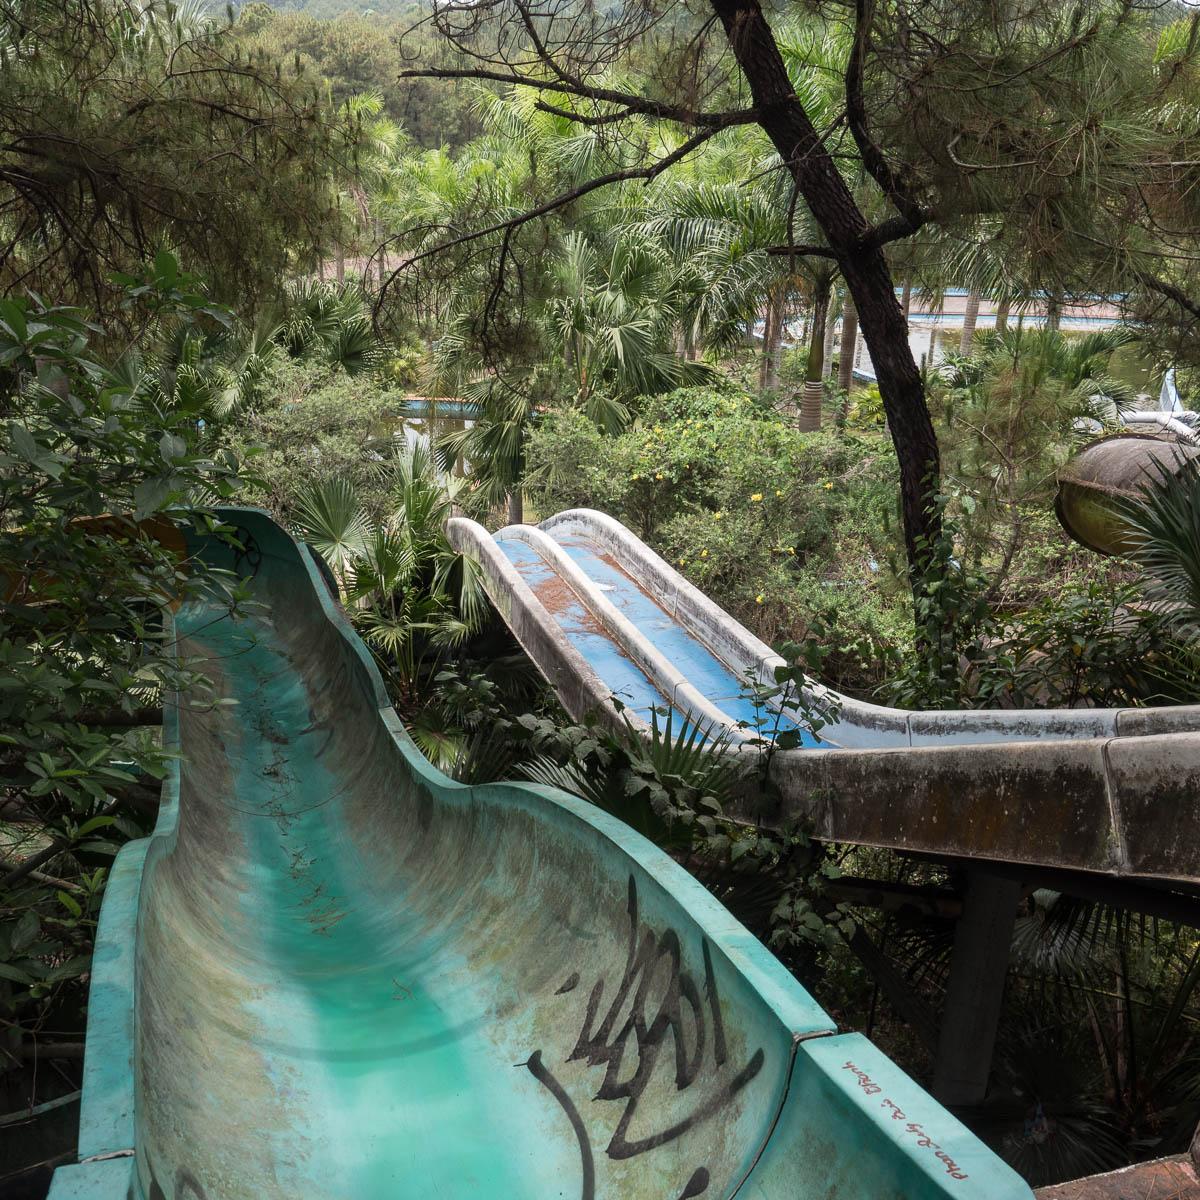 Reise durch Asien 2019 #16 Verlassener Wasserpark in Hue (Vietnam)